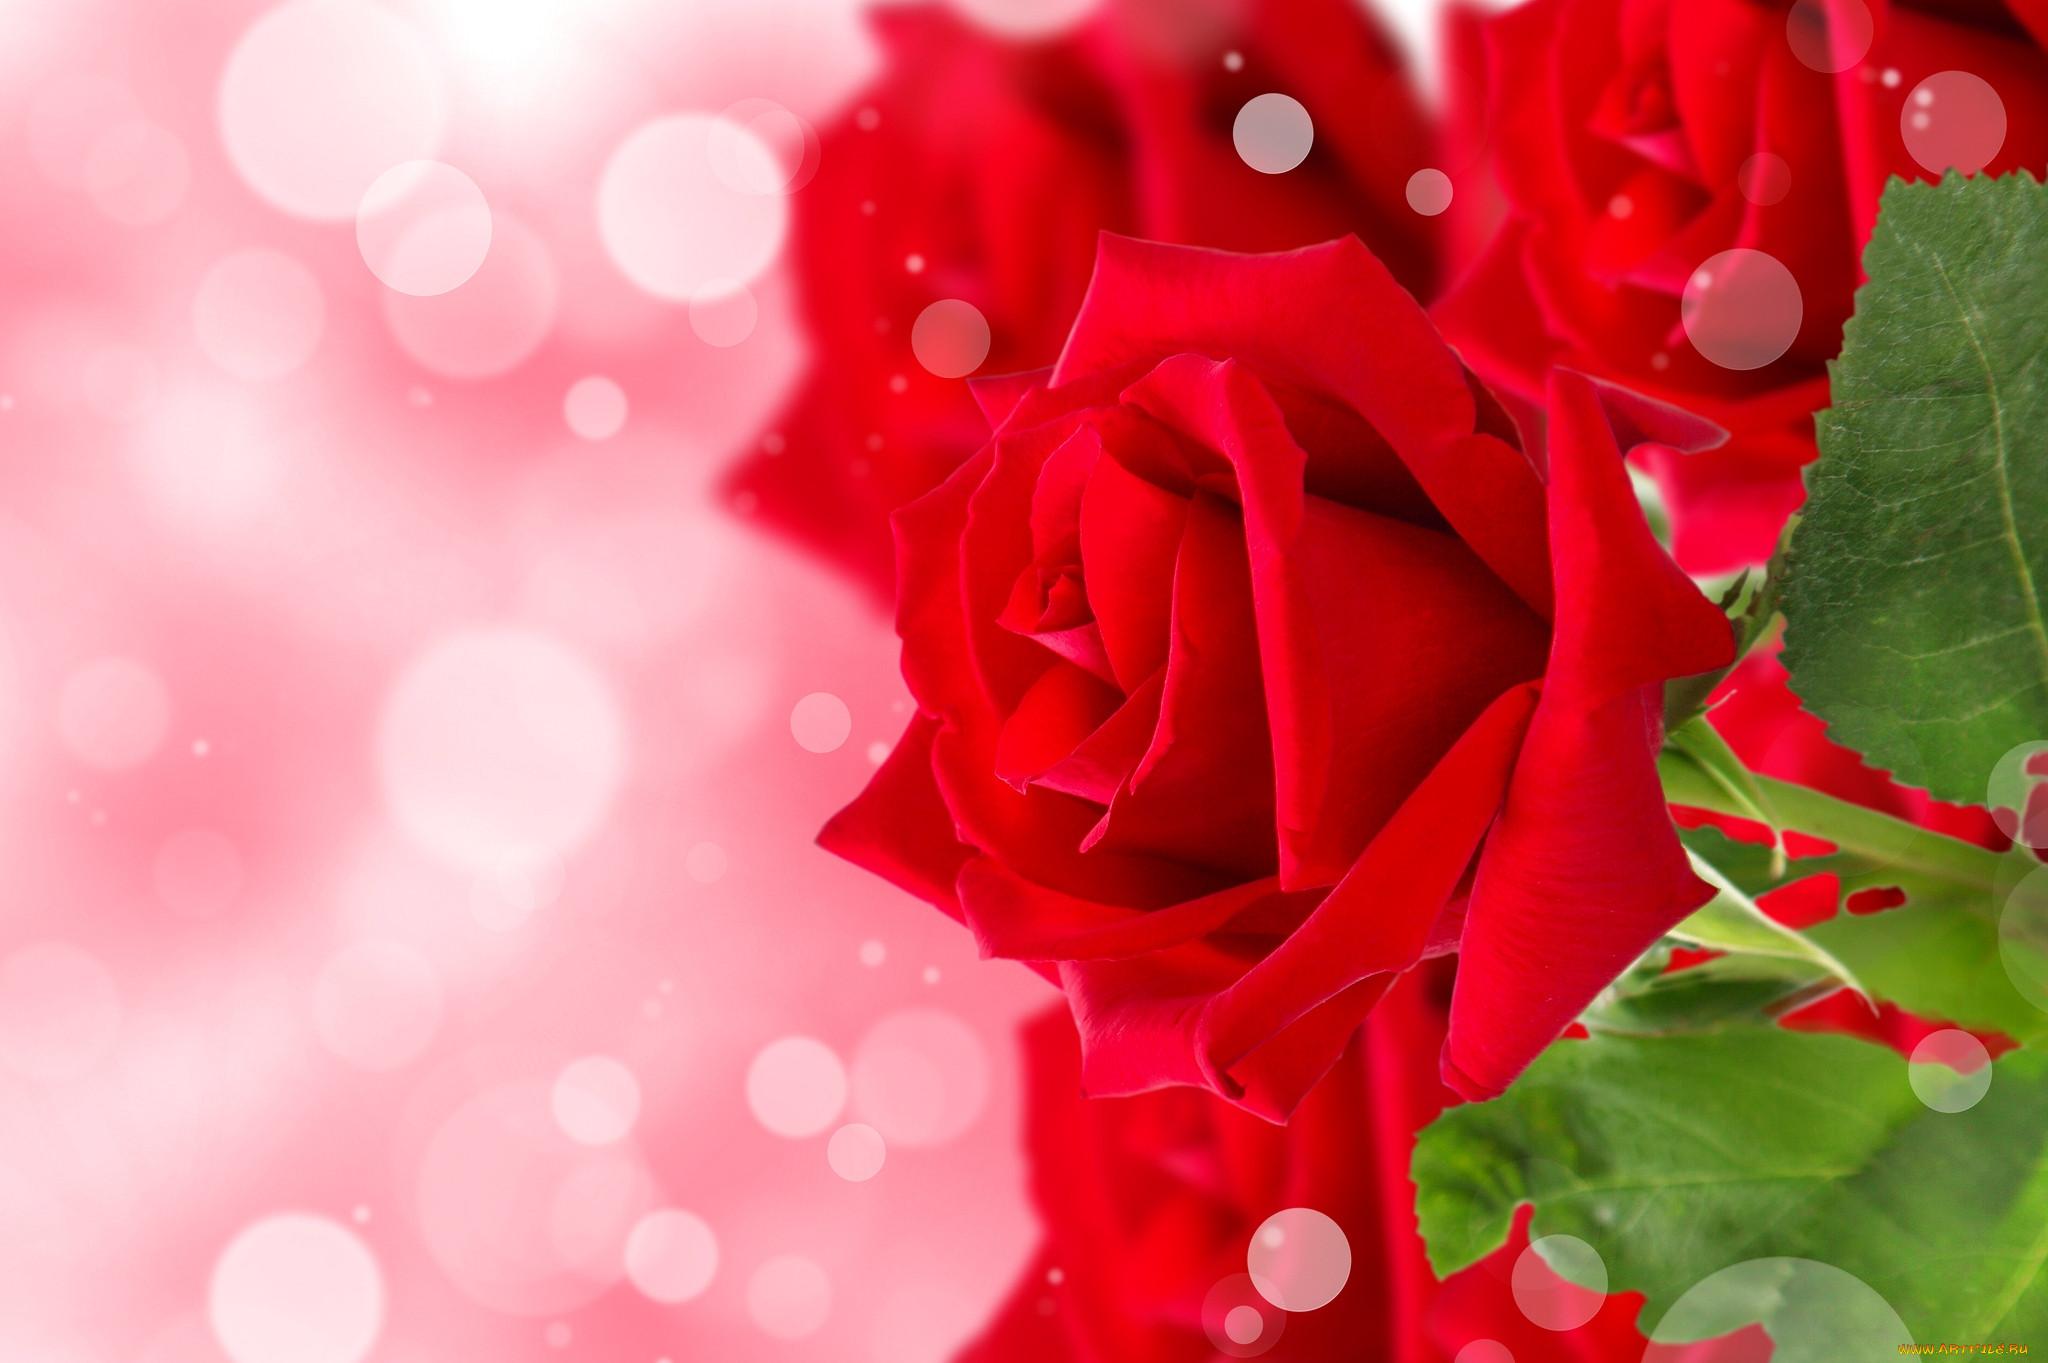 Красные розы фон для открытки с днем рождения